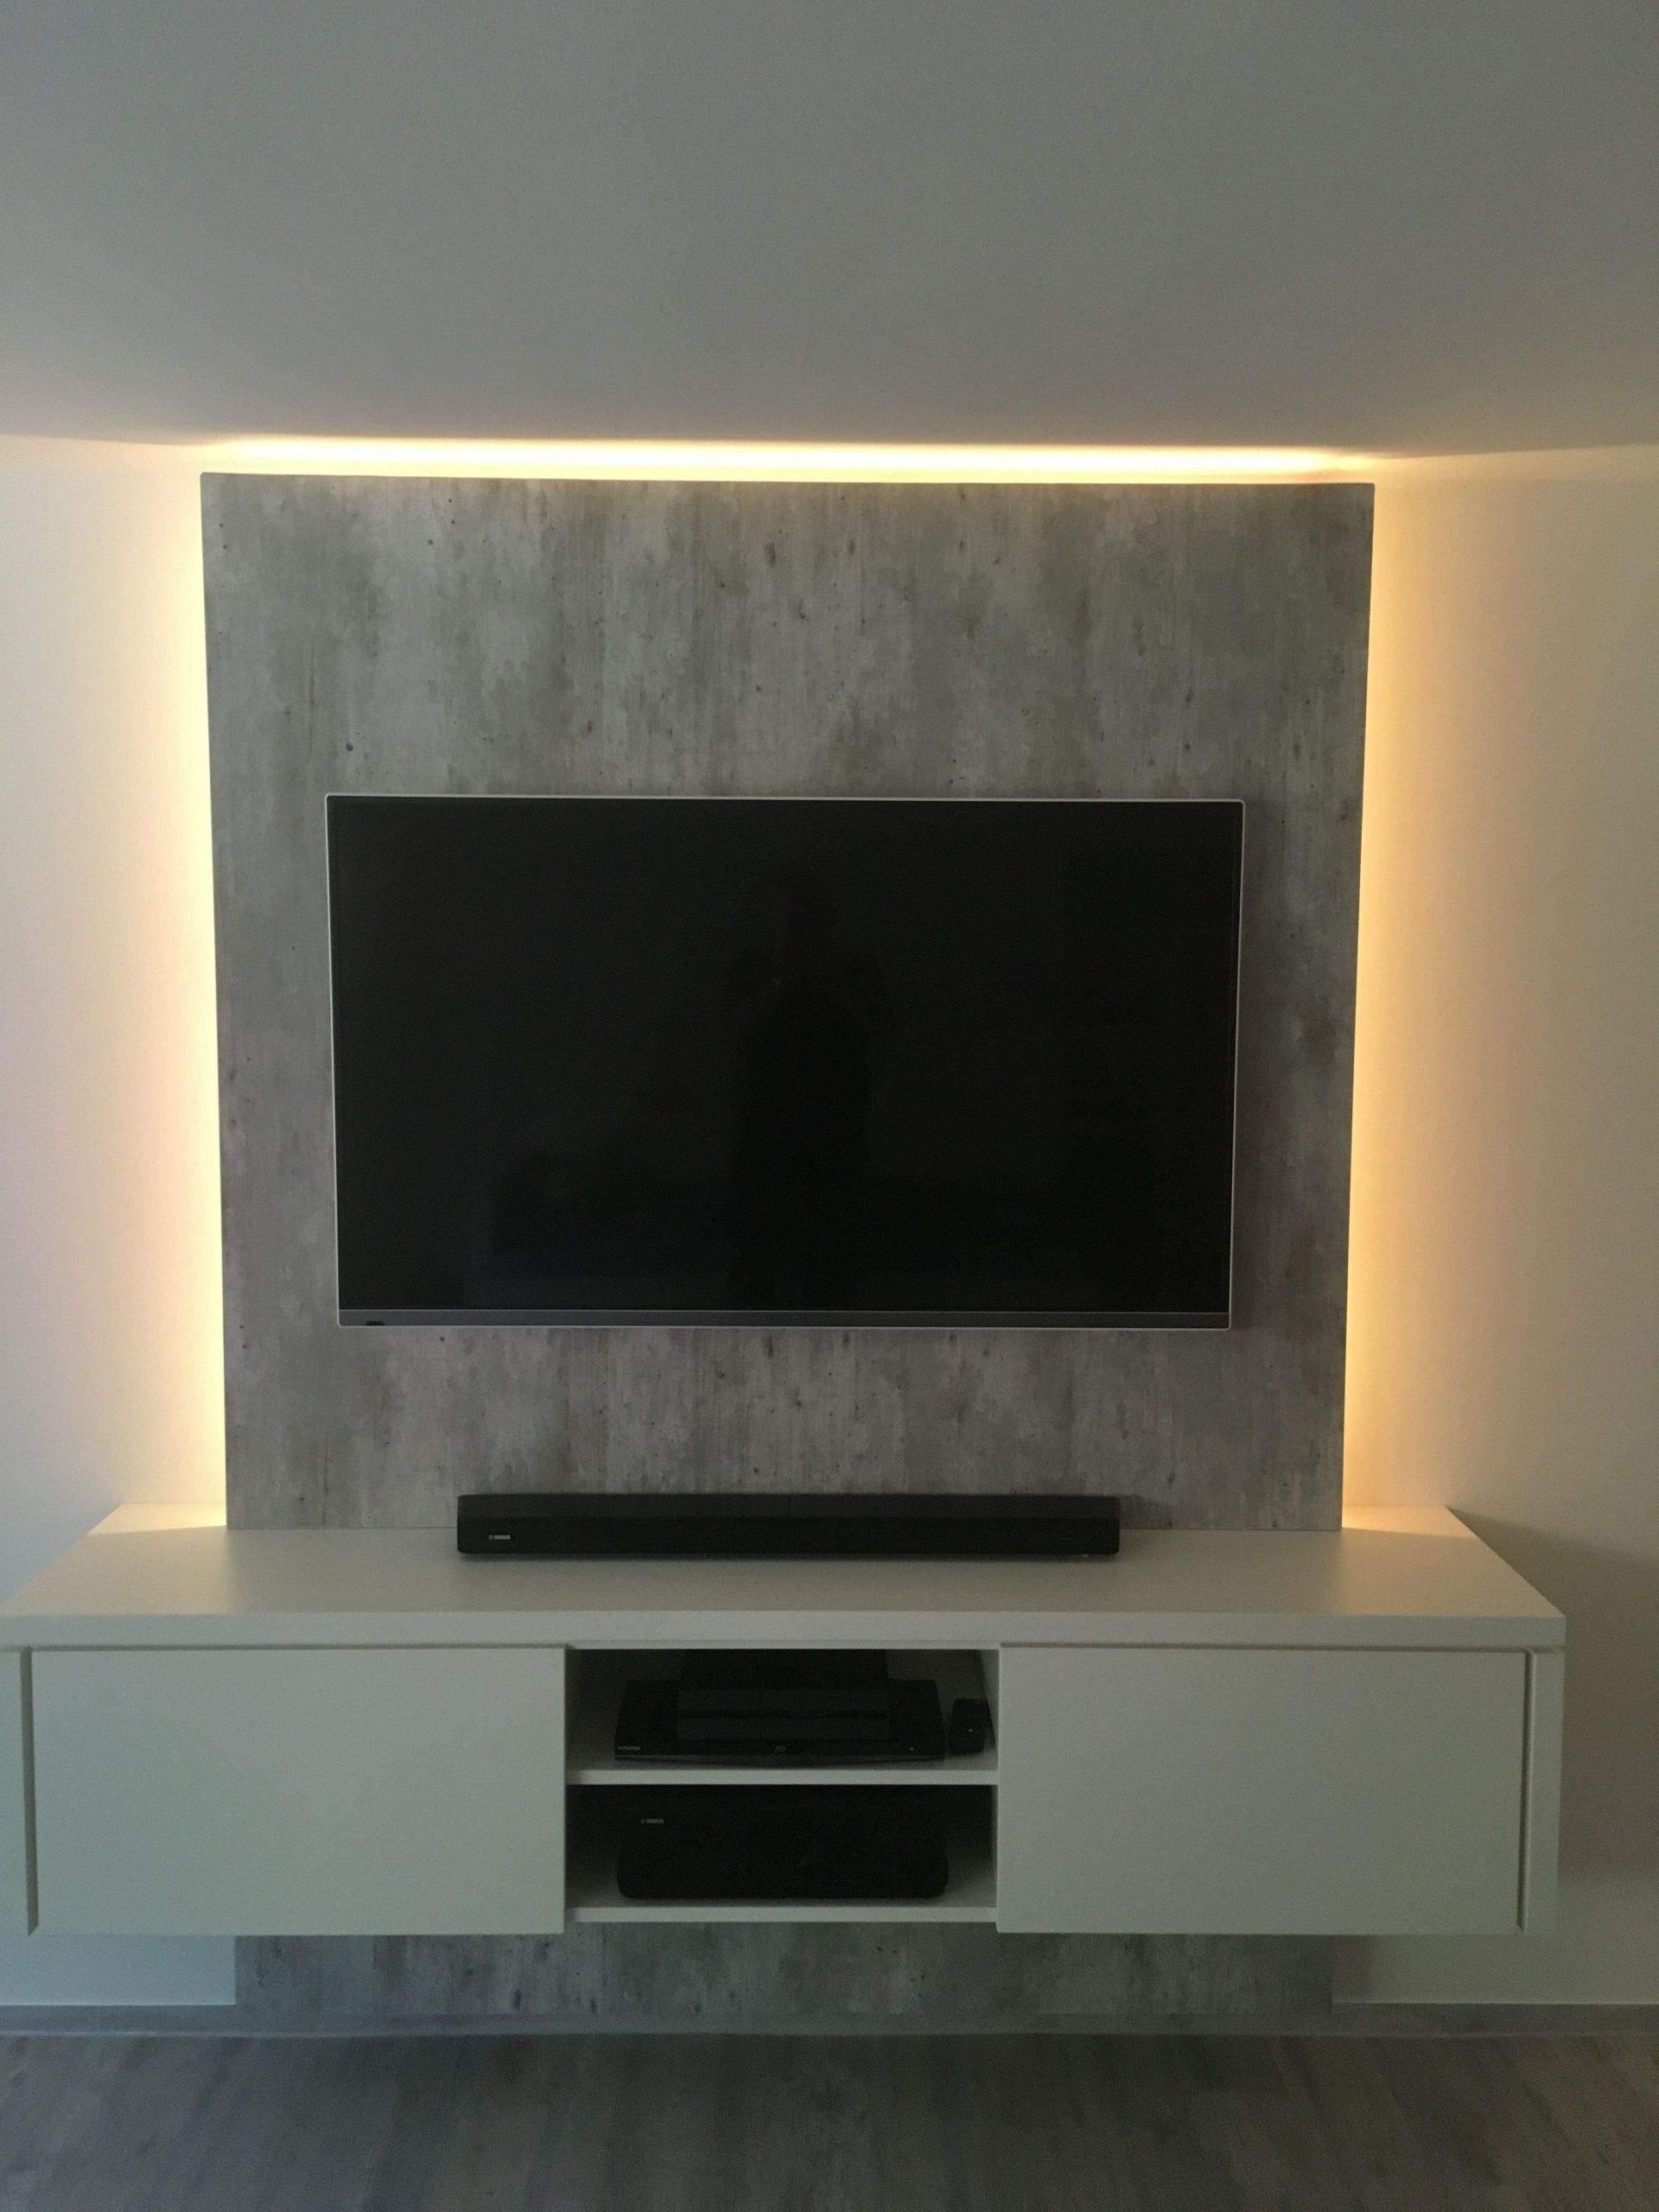 steinwand wohnzimmer tv das beste von luxframes gmbh luxframes auf pinterest of steinwand wohnzimmer tv scaled